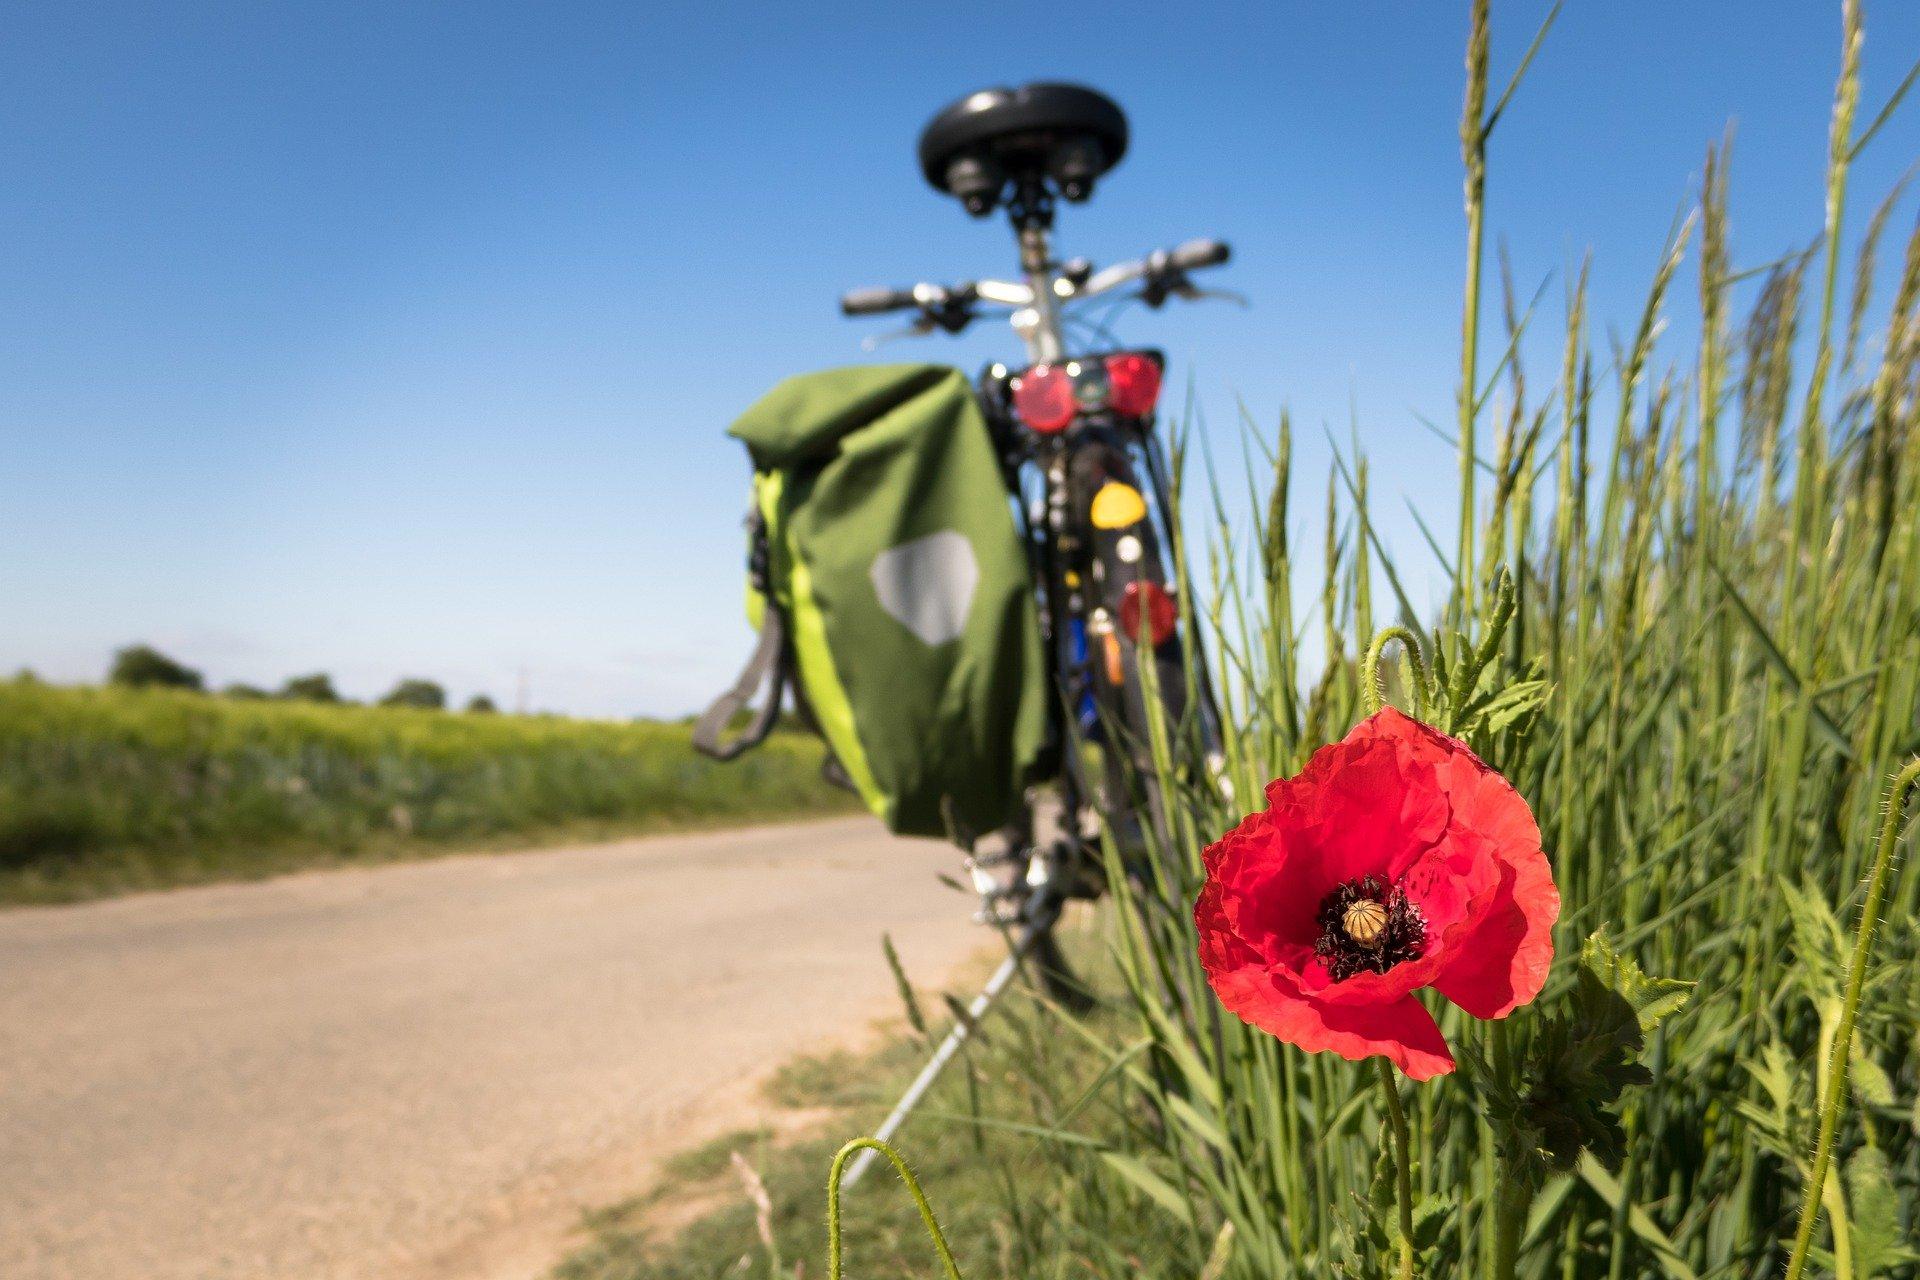 Feierabend Fahrradtour – Barneberg